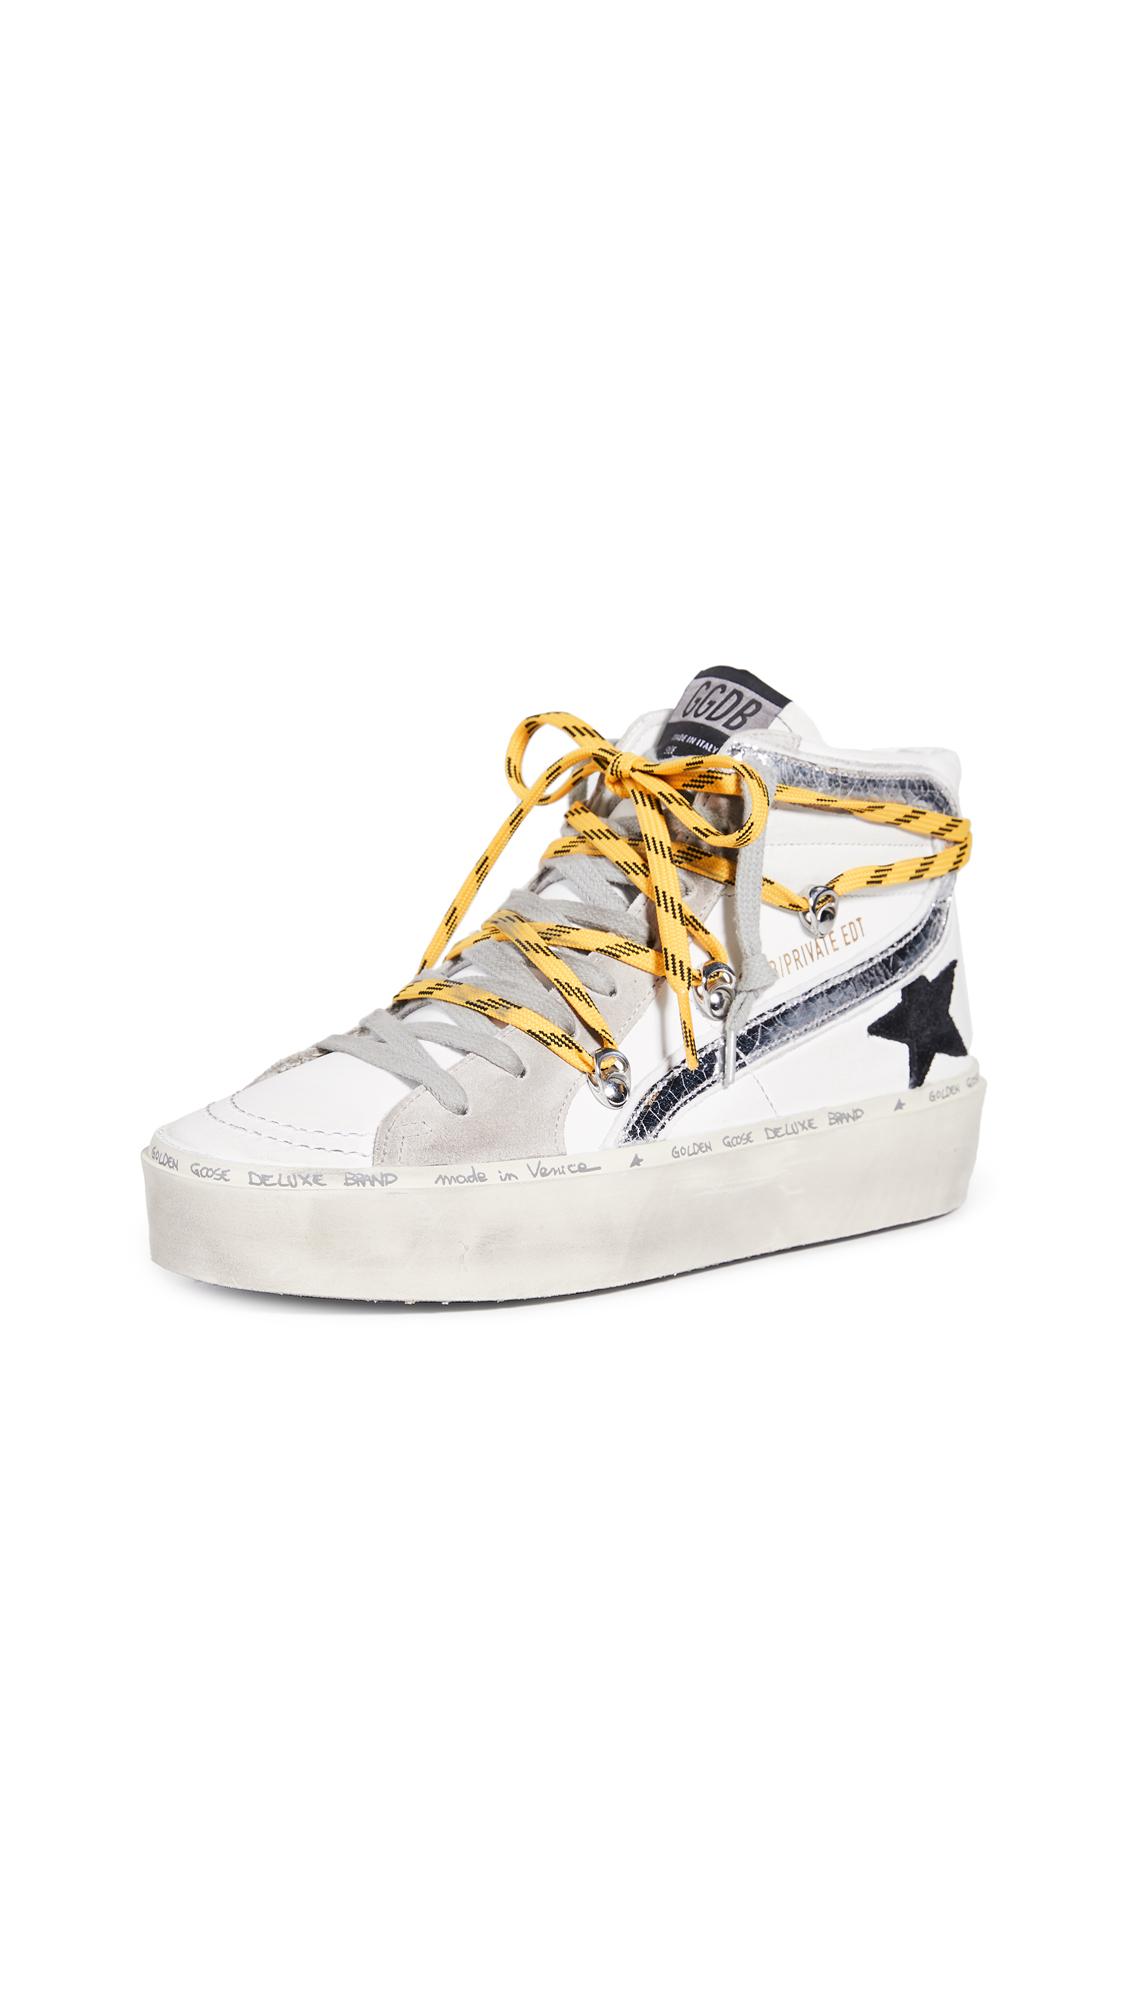 Buy Golden Goose Hi Slide Sneakers online, shop Golden Goose